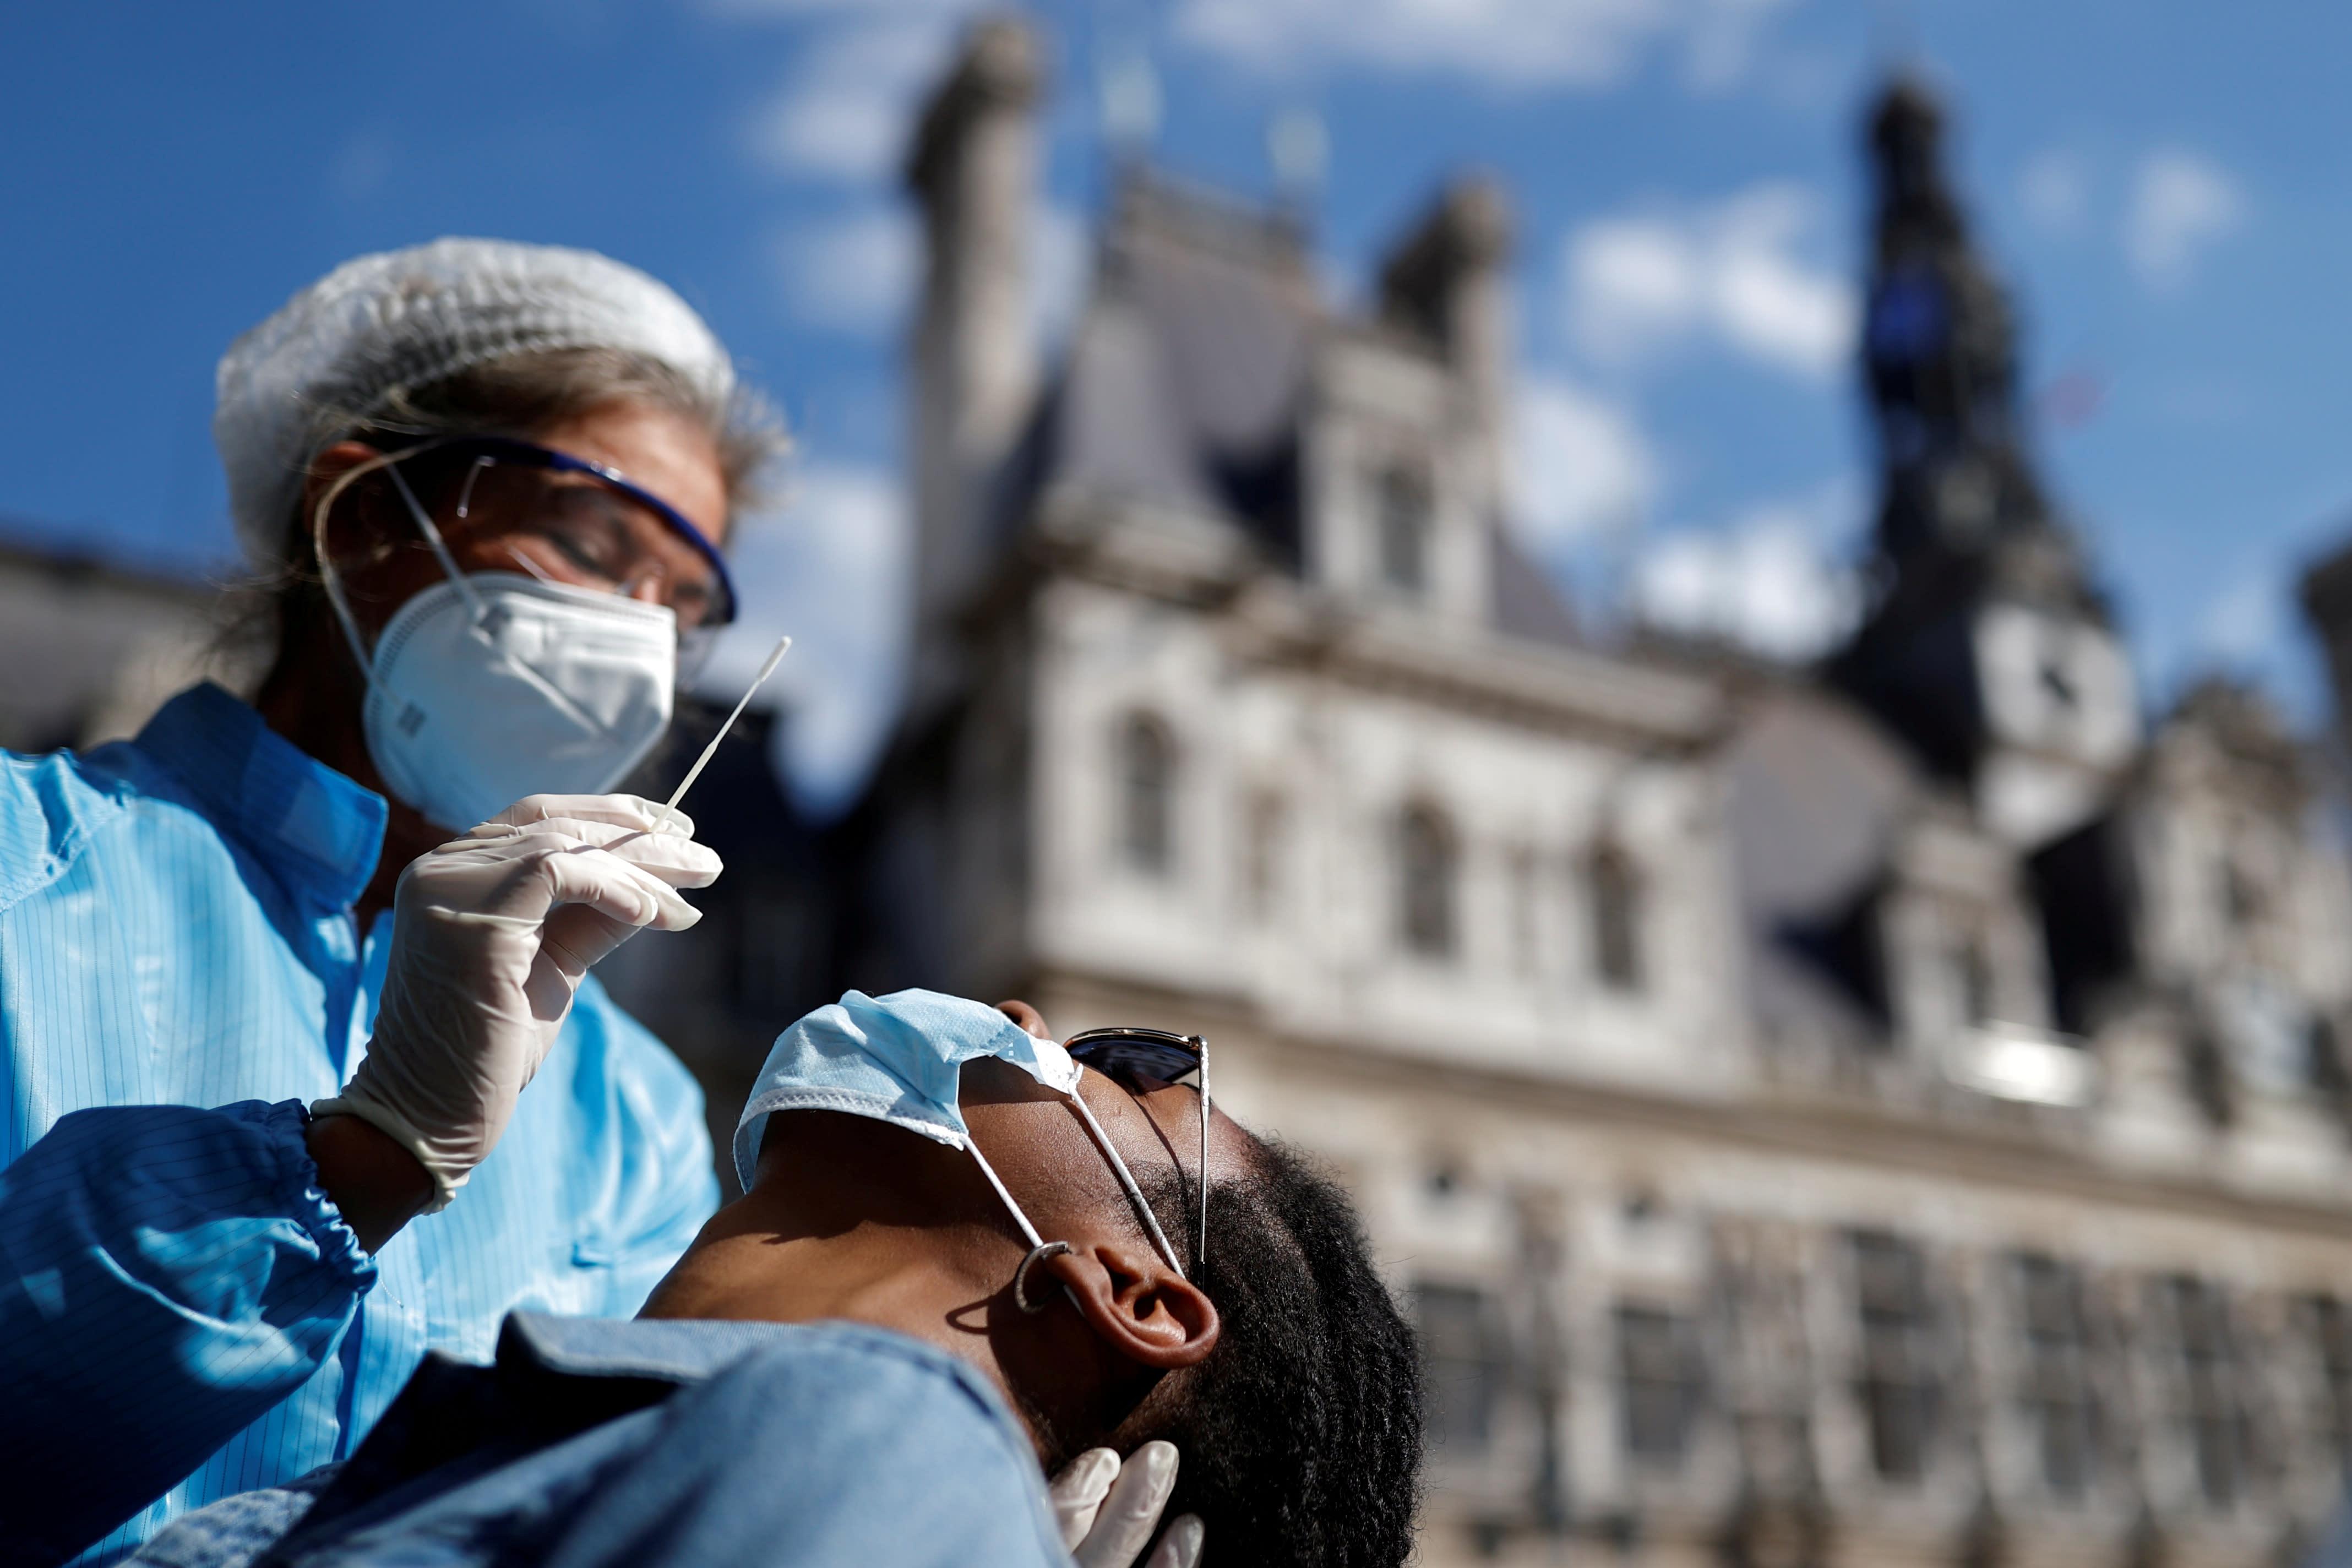 Worldwide coronavirus death toll eclipses 1 million